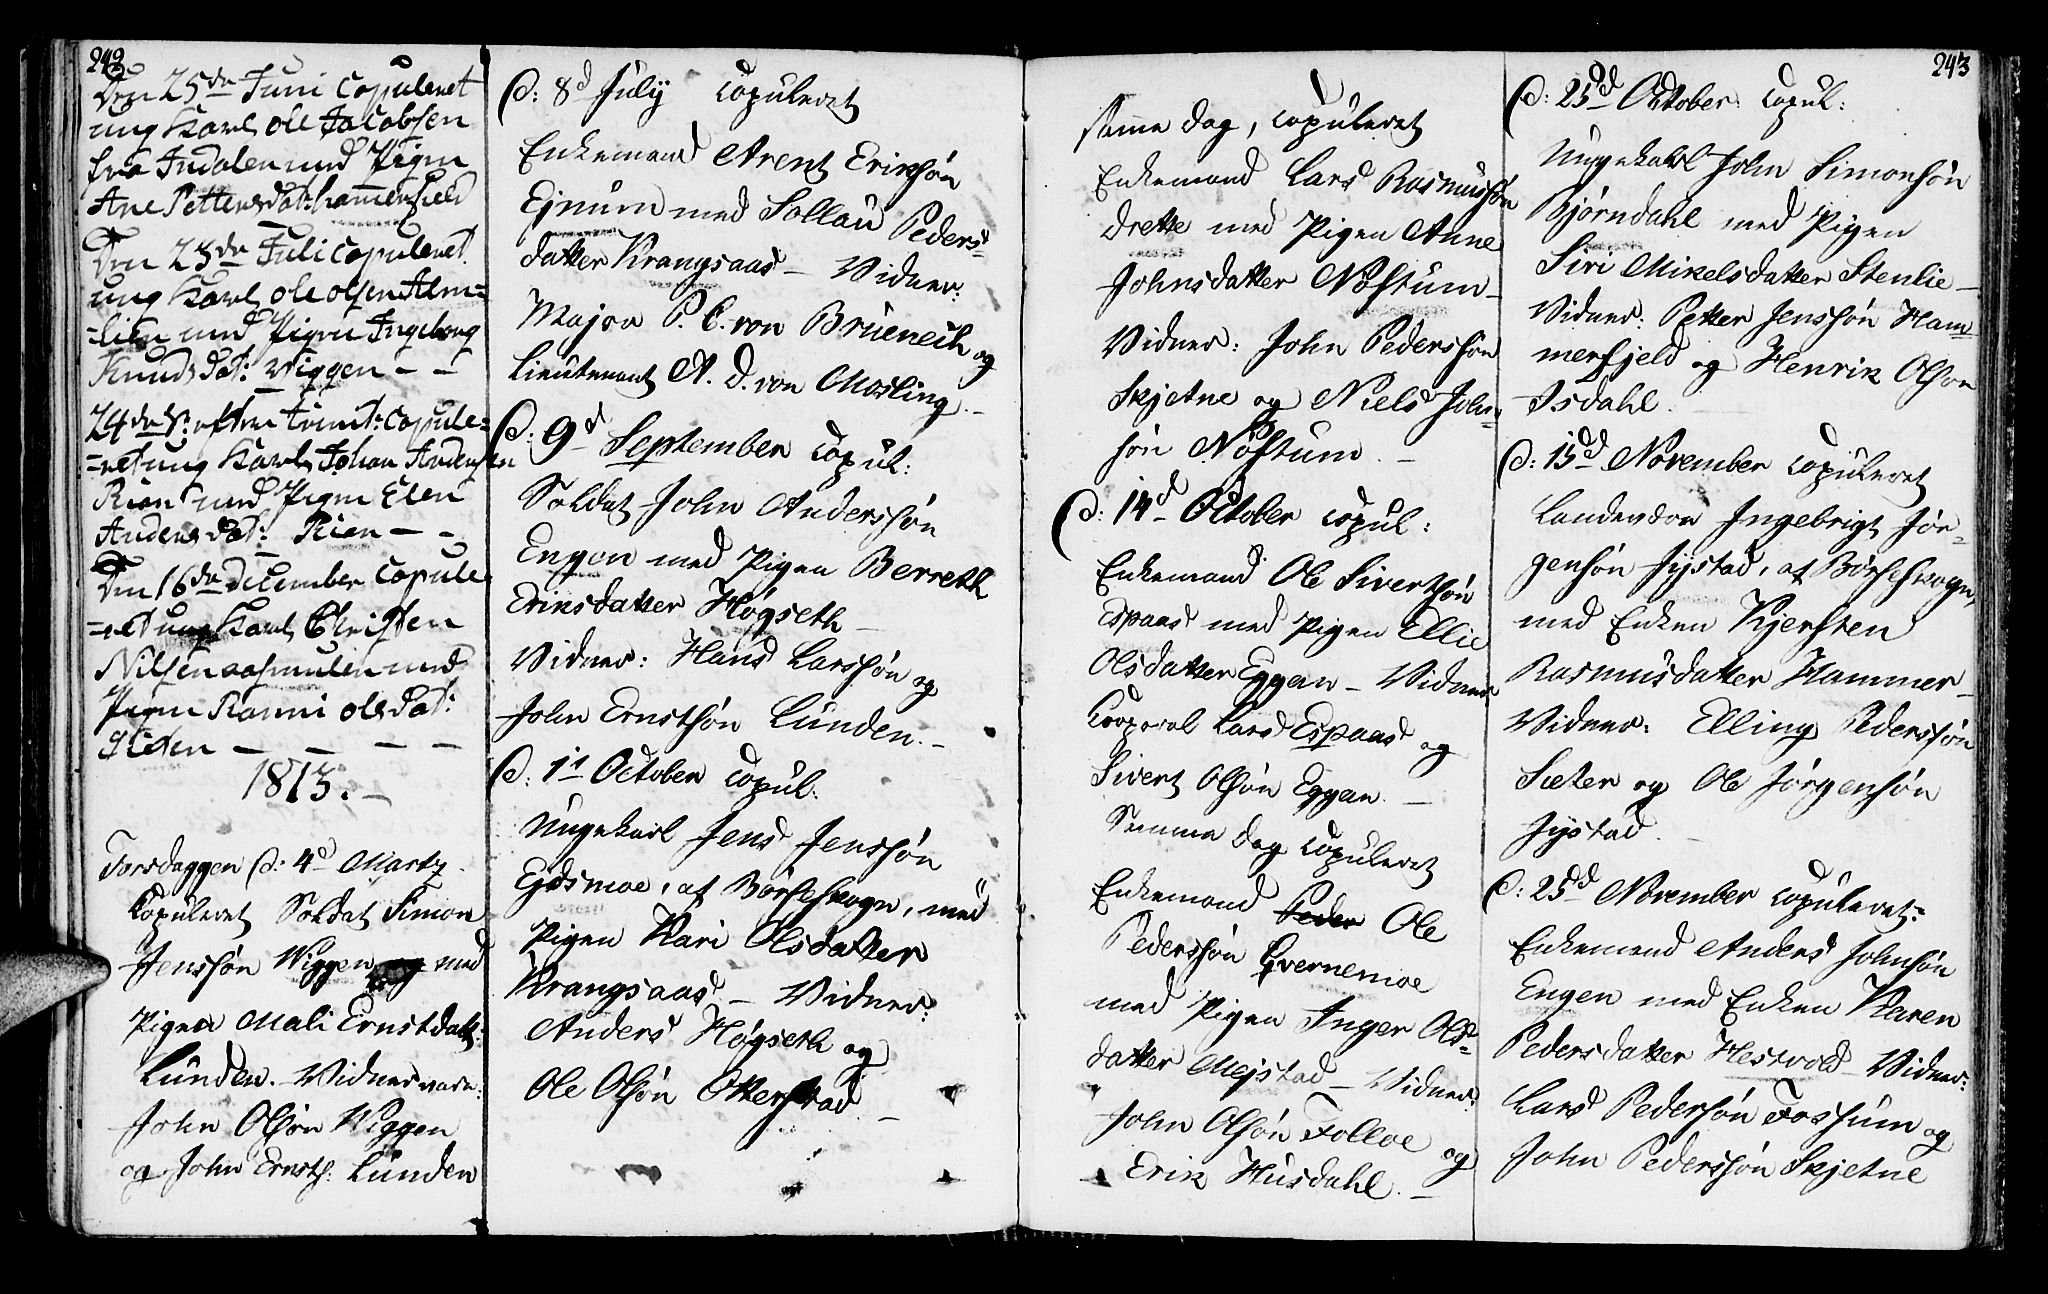 SAT, Ministerialprotokoller, klokkerbøker og fødselsregistre - Sør-Trøndelag, 665/L0769: Ministerialbok nr. 665A04, 1803-1816, s. 242-243